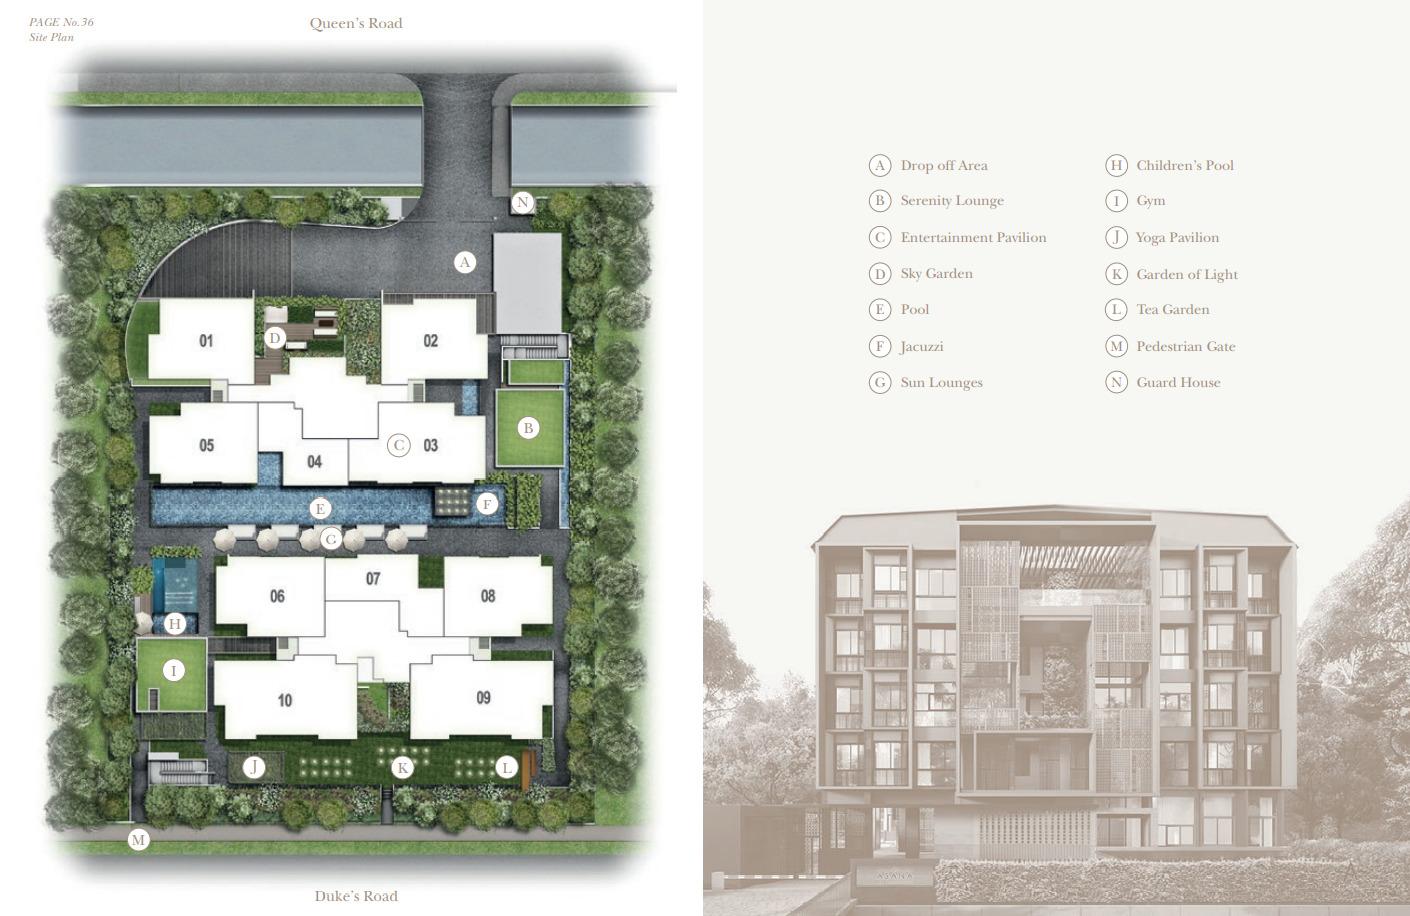 The Asana Siteplan